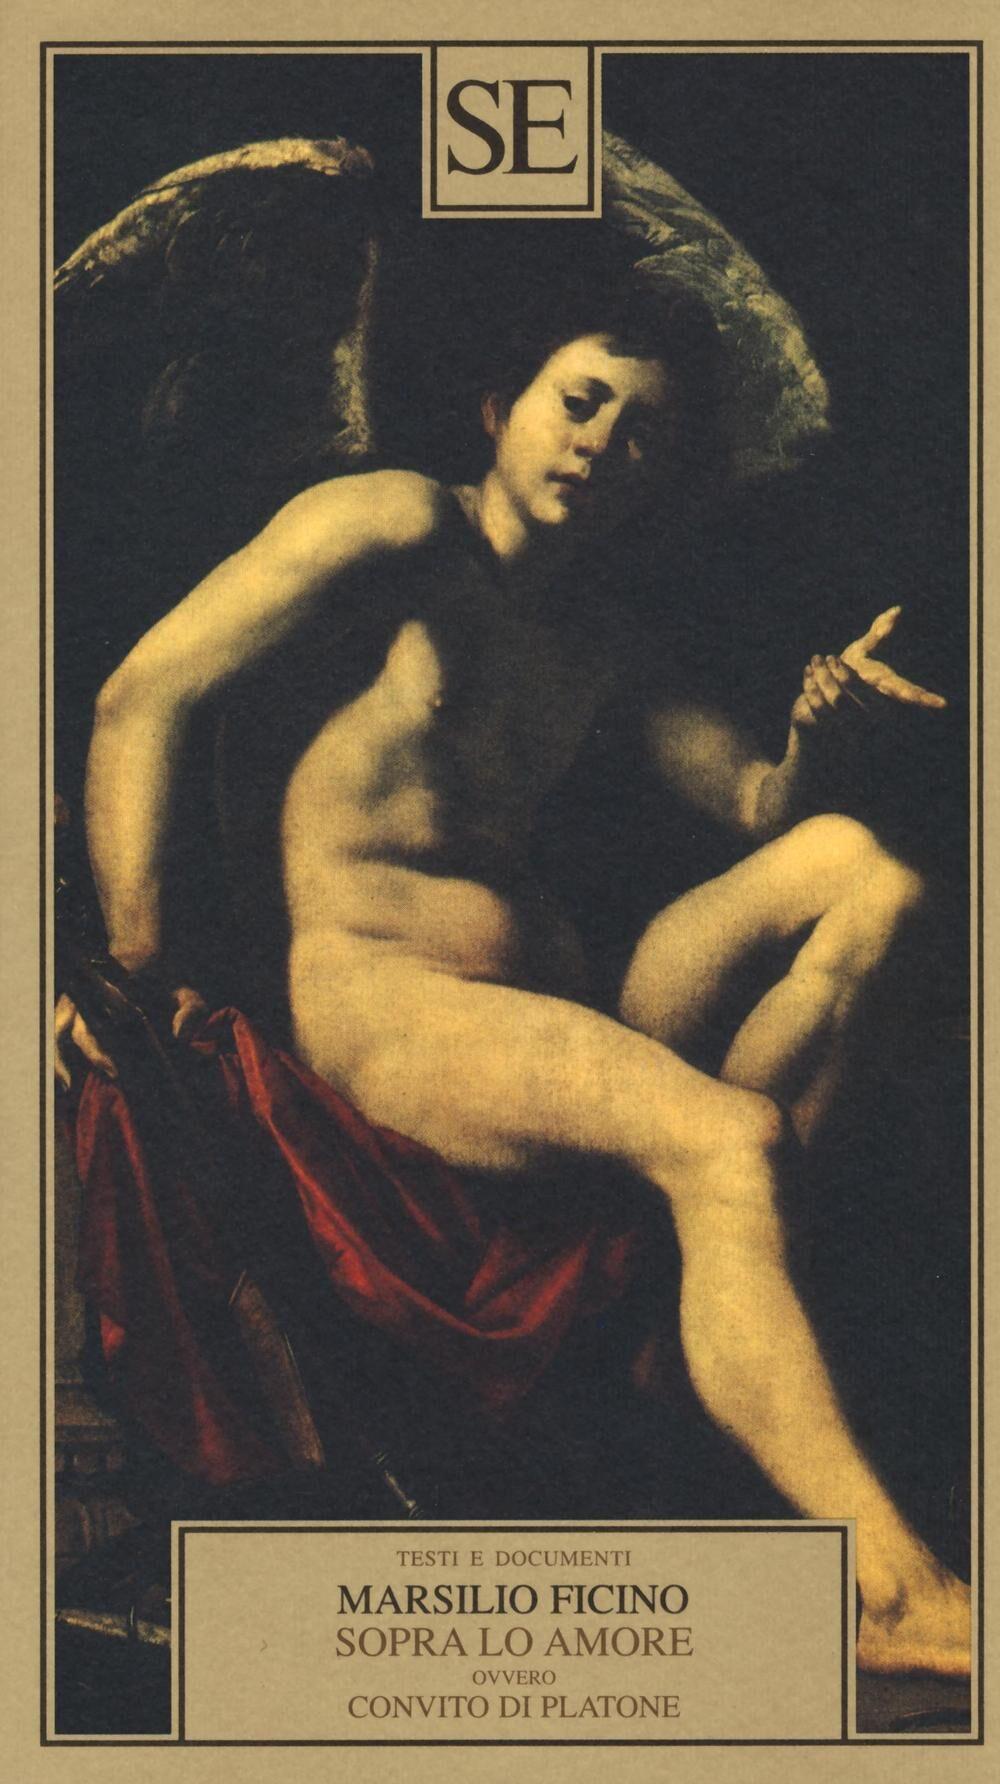 Sopra lo amore ovvero Convito di Platone